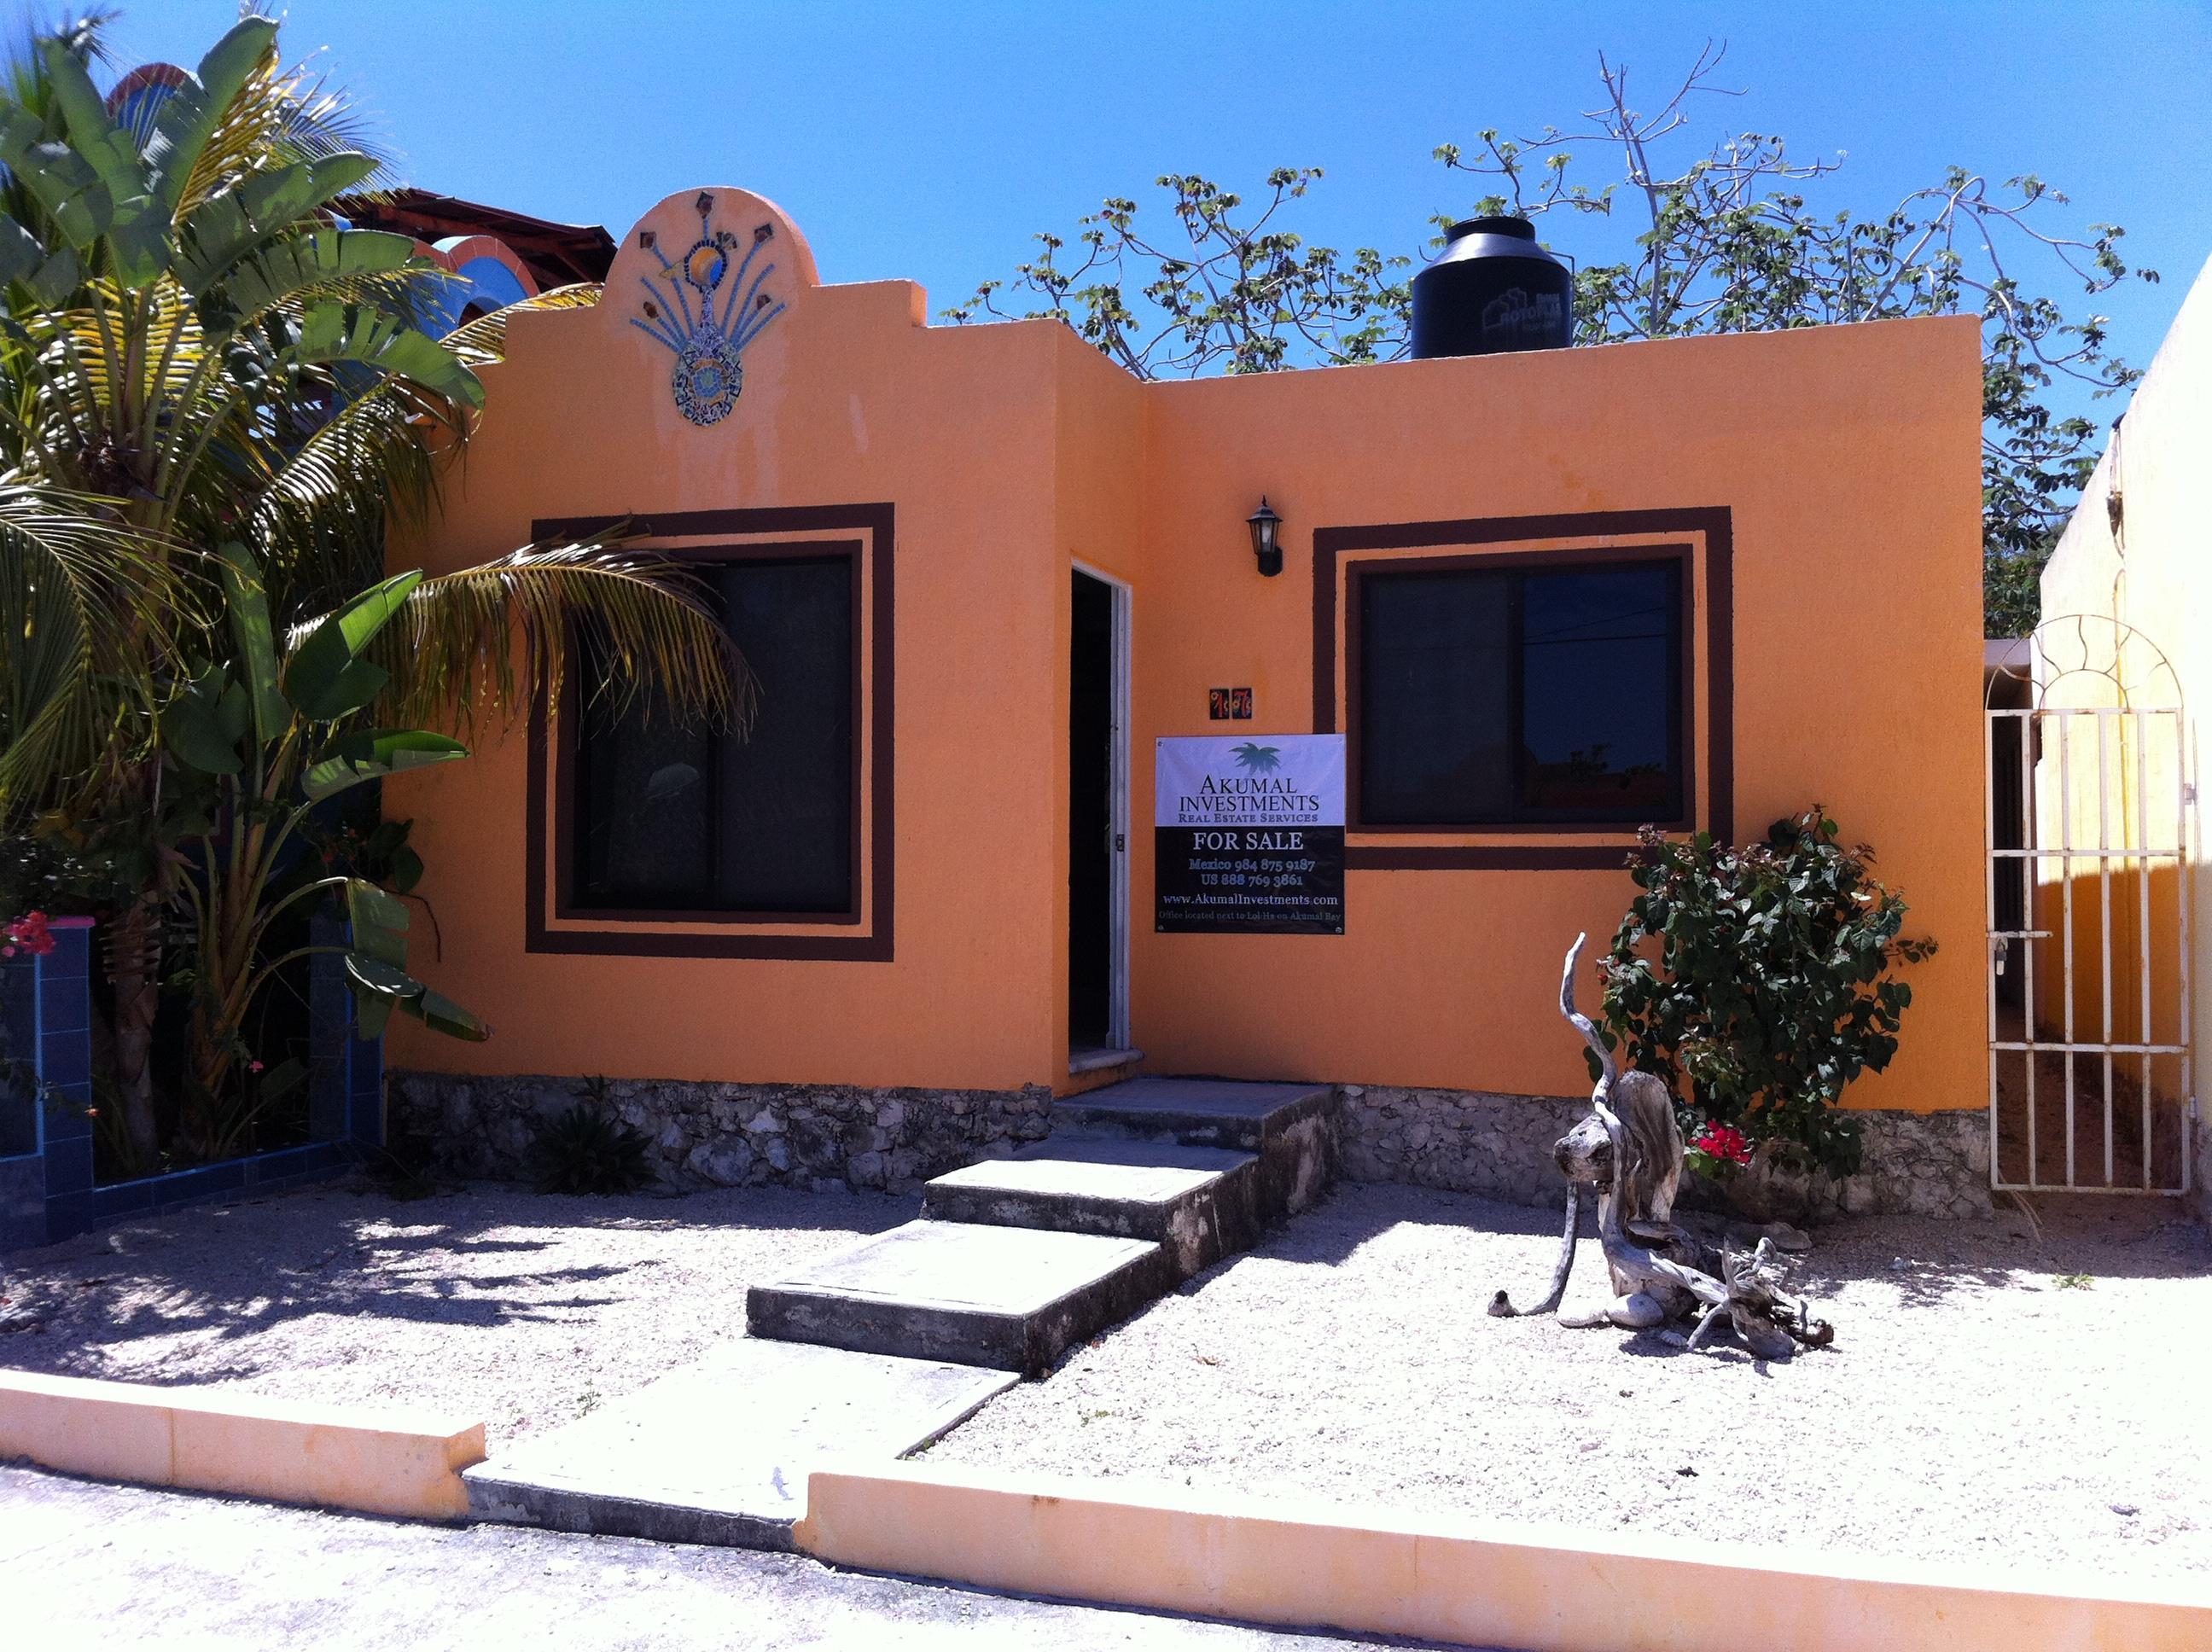 Chemuyil Real Estate